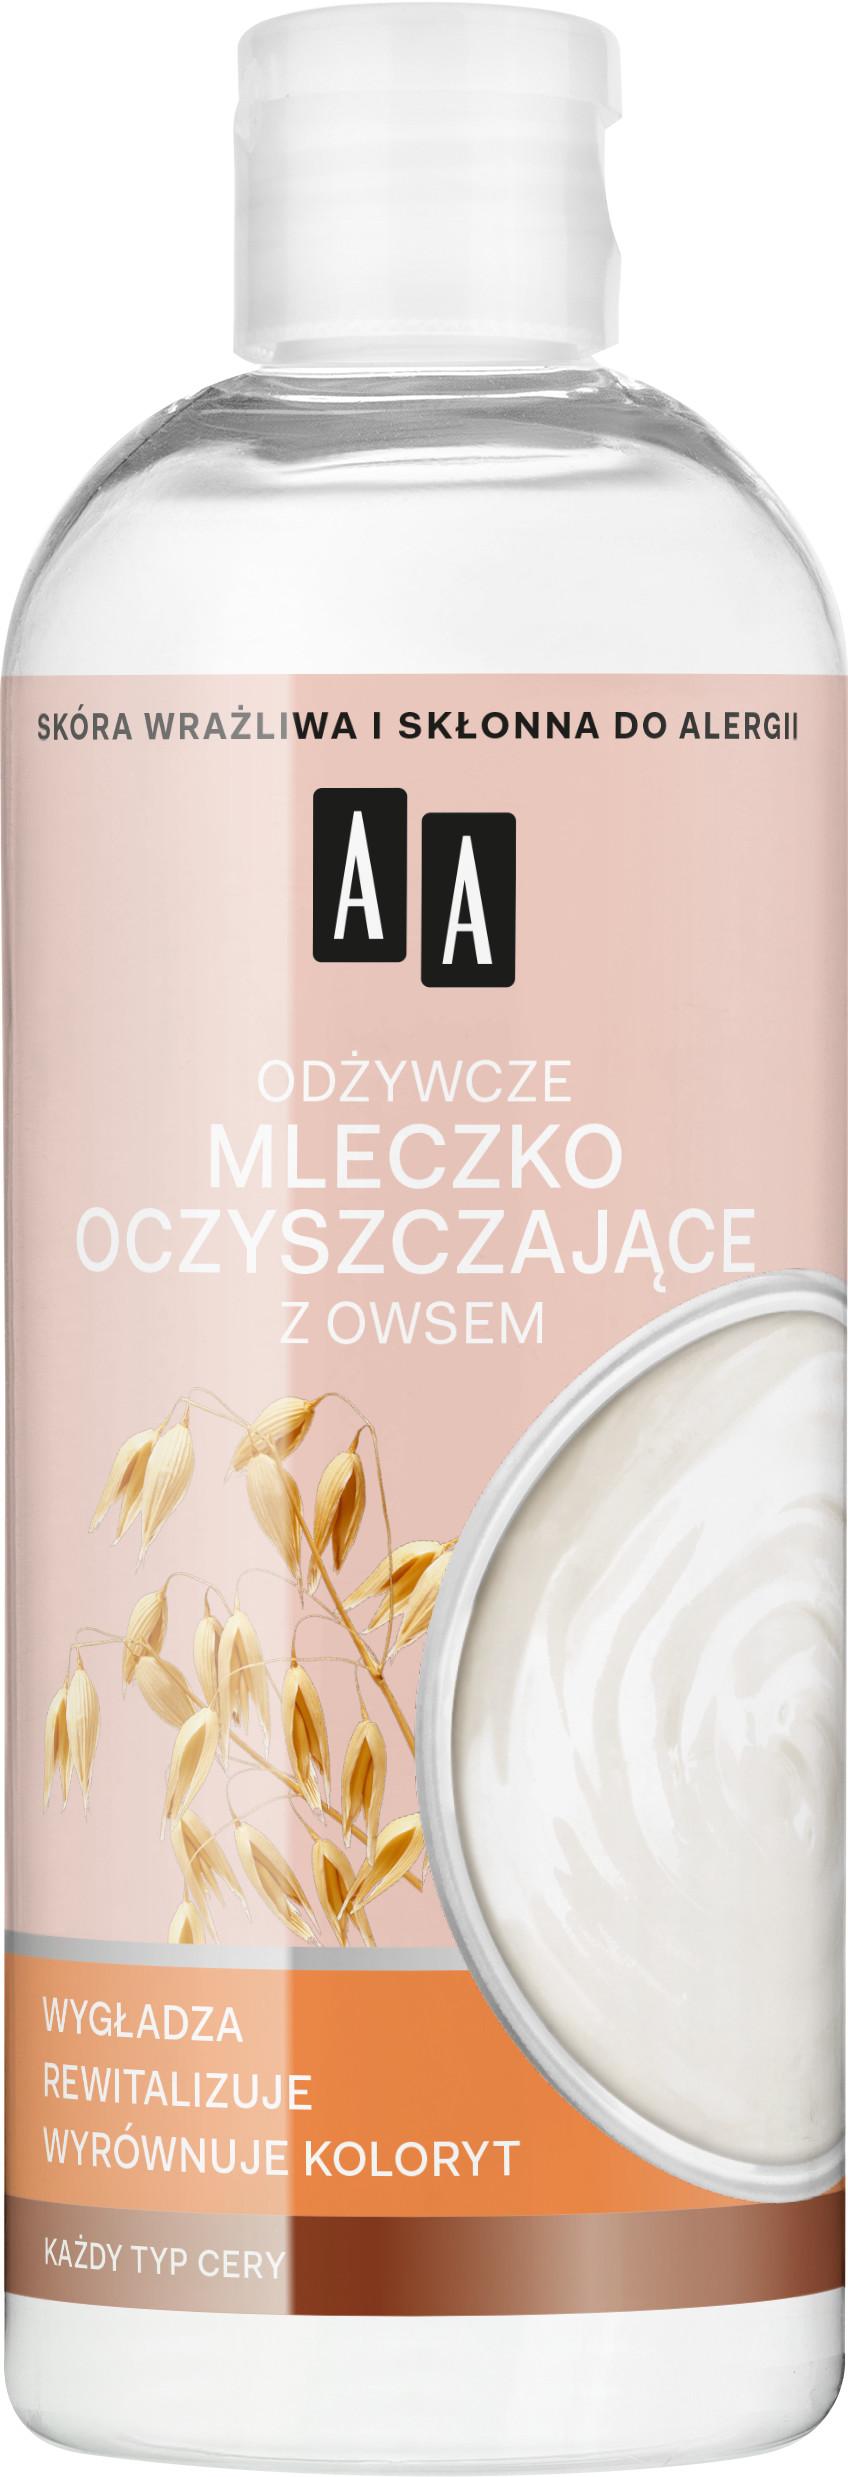 Oceanic AA SKIN FOOD Odżywcze mleczko oczyszczające z owsem 400ml